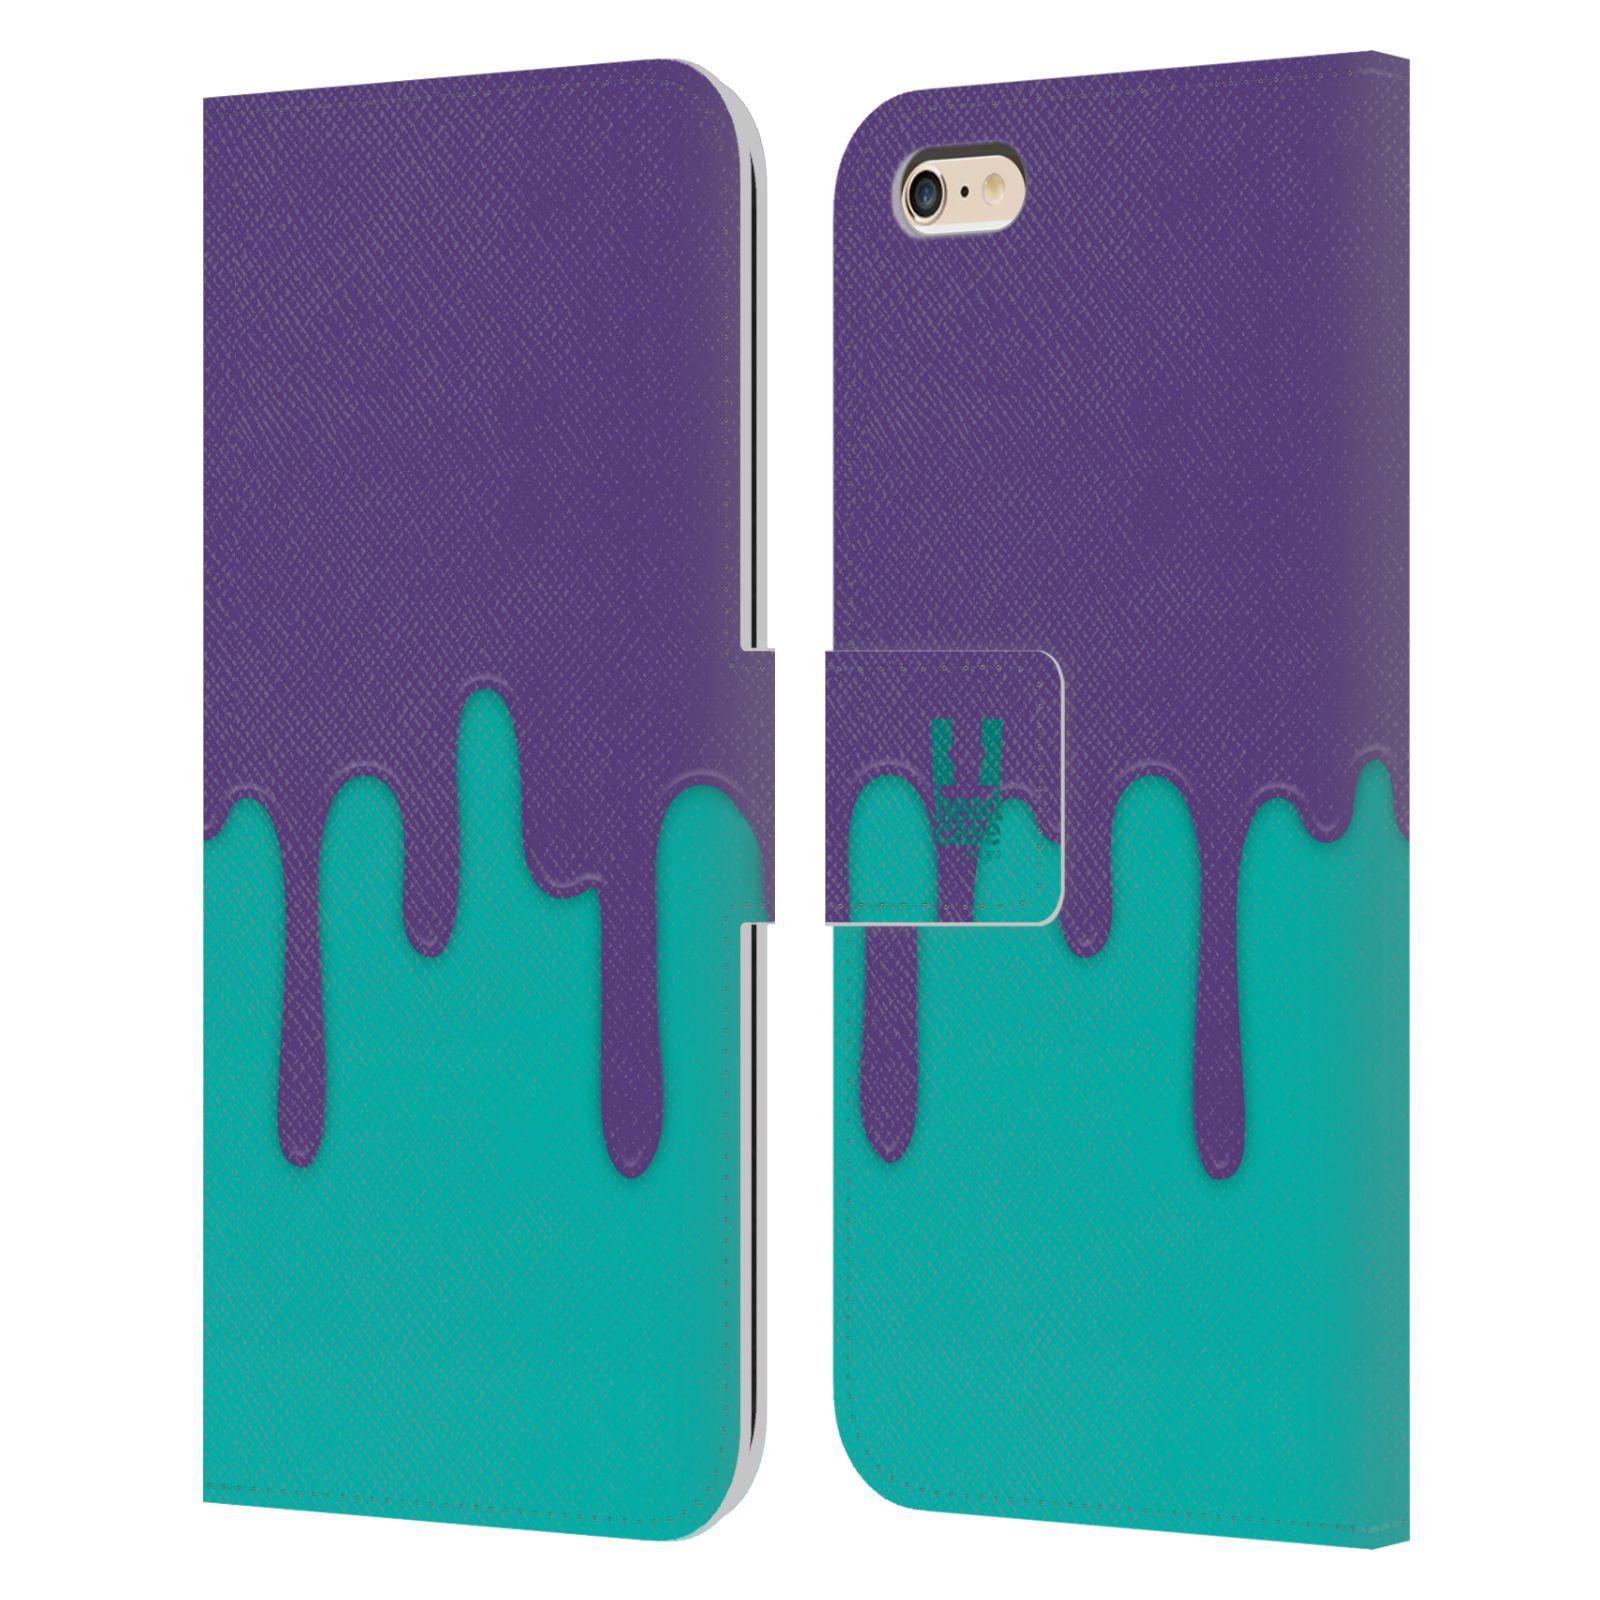 HEAD CASE Flipové pouzdro pro mobil Apple Iphone 6 PLUS / 6S PLUS Rozlitá barva fialová a tyrkysová